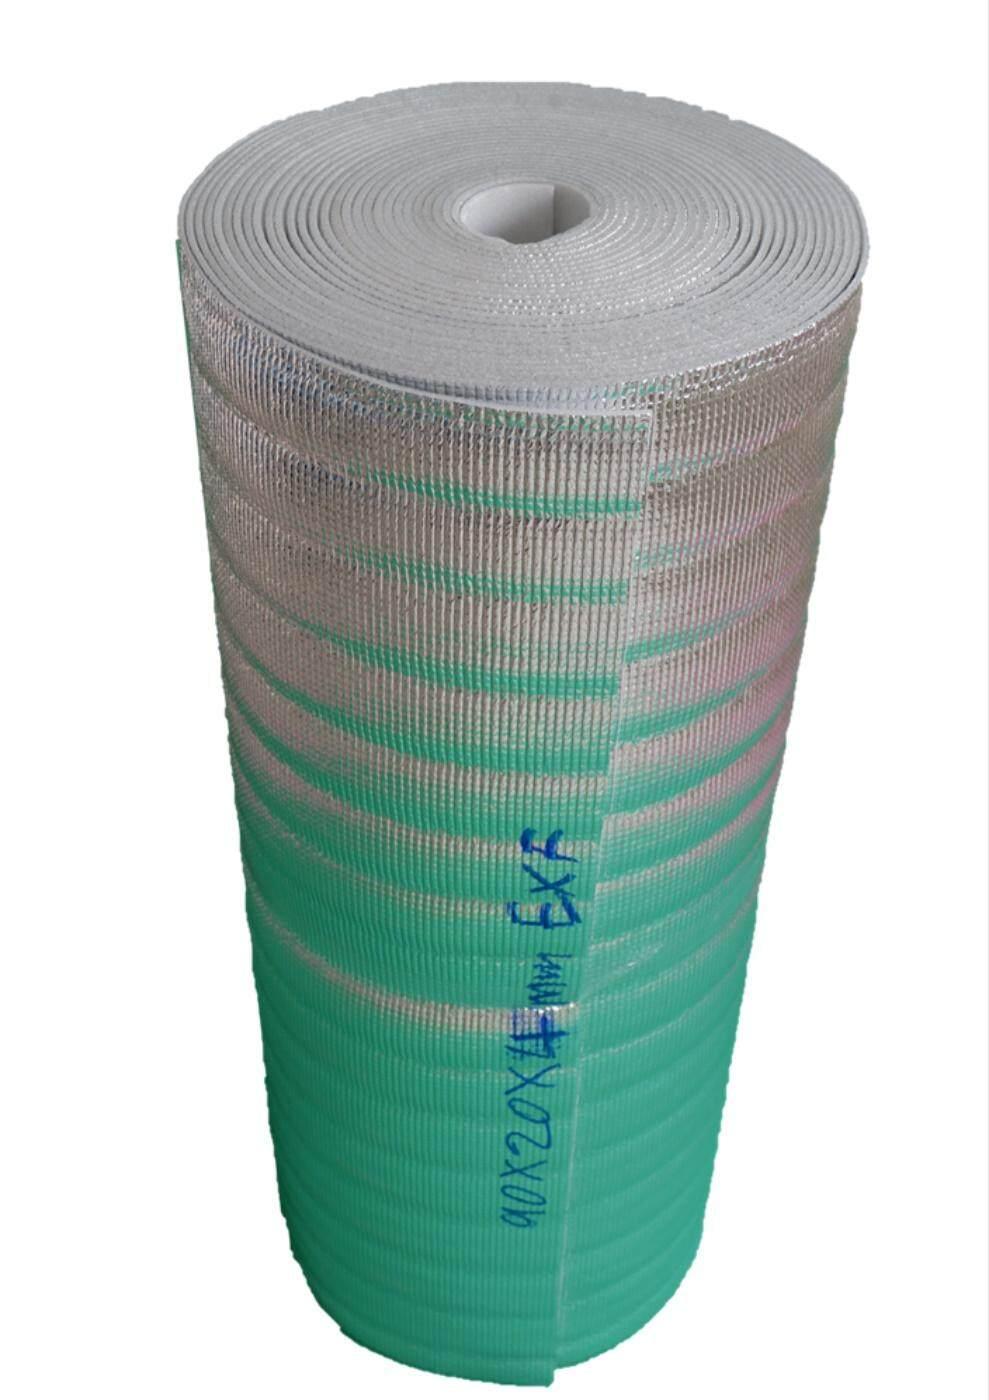 ฉนวนกันความร้อน PE เคลือบฟอยล์ลดความร้อน หนา 4mm.กว้าง 90cm.ยาว 20m (ส่งฟรีKerry) แผ่นฉนวนกันความร้อน เก็บความเย็น แผ่นโฟมเคลือบฟอยล์ PE(Polyethylene) ขนาด 5mm x 90cm x 20m